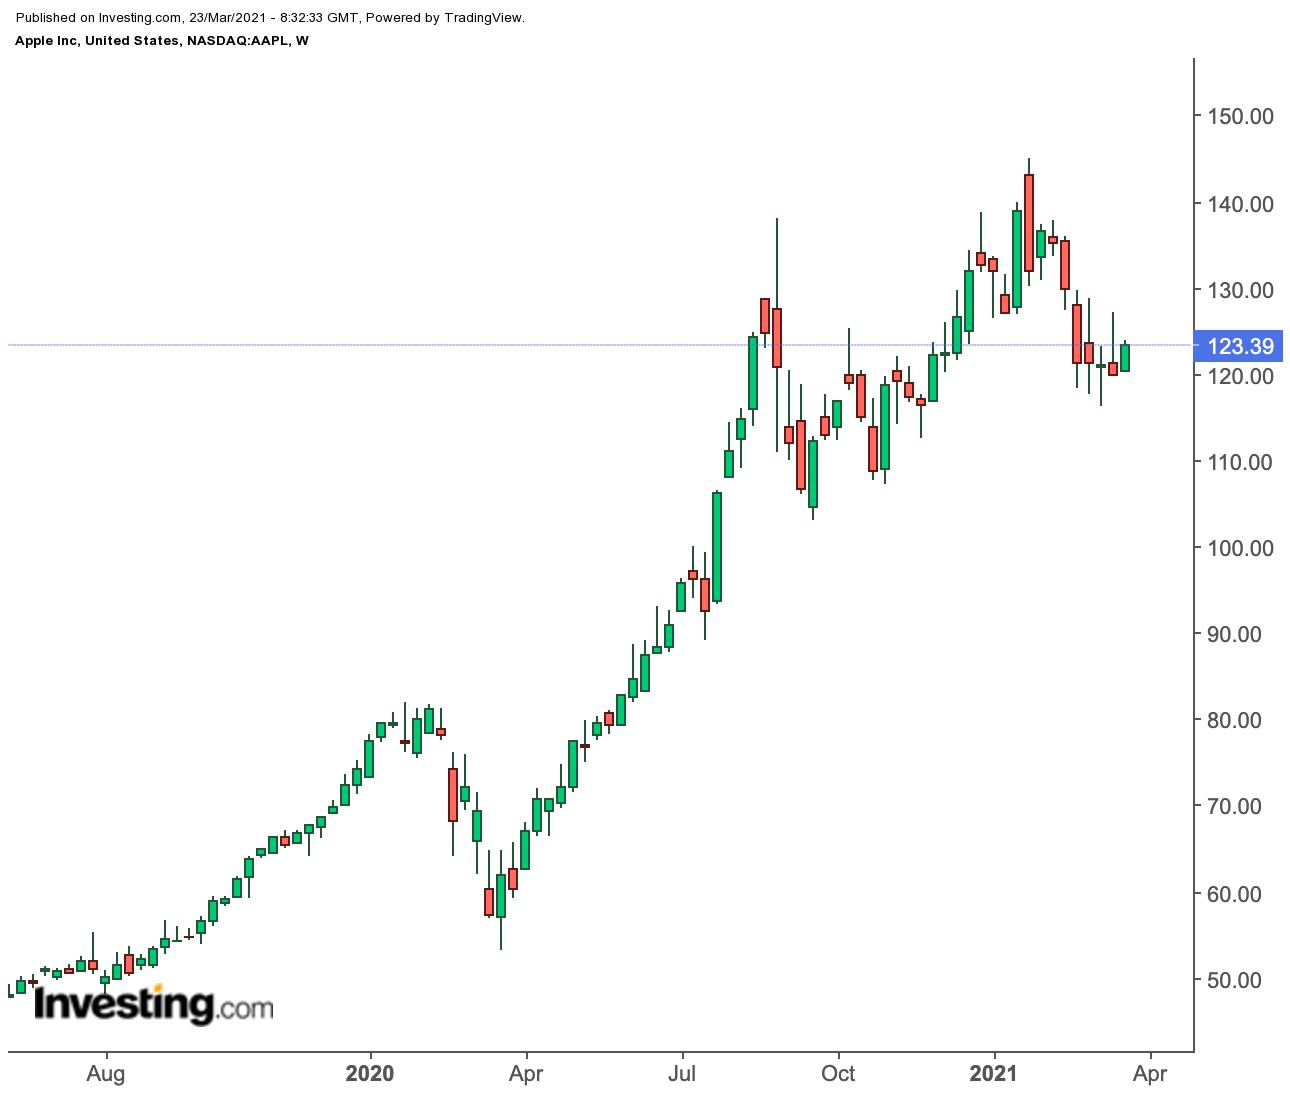 苹果日线图来自英为财情Investing.com